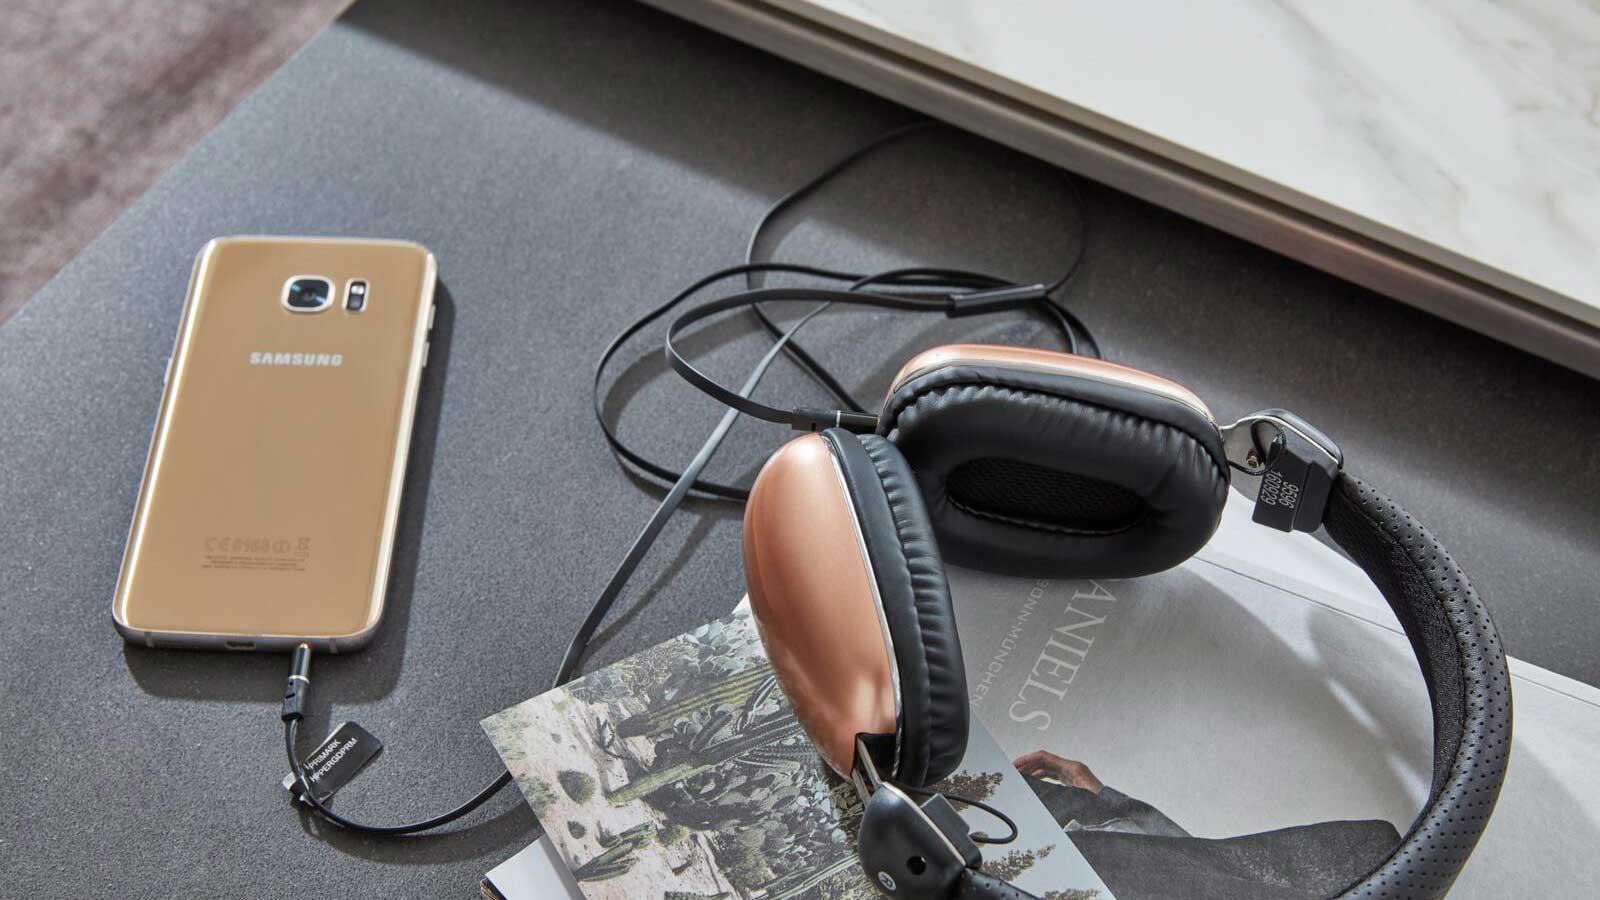 Smartphone, Kopfhörer, Notizbuch liegen bereit für Arbeit im Home Office